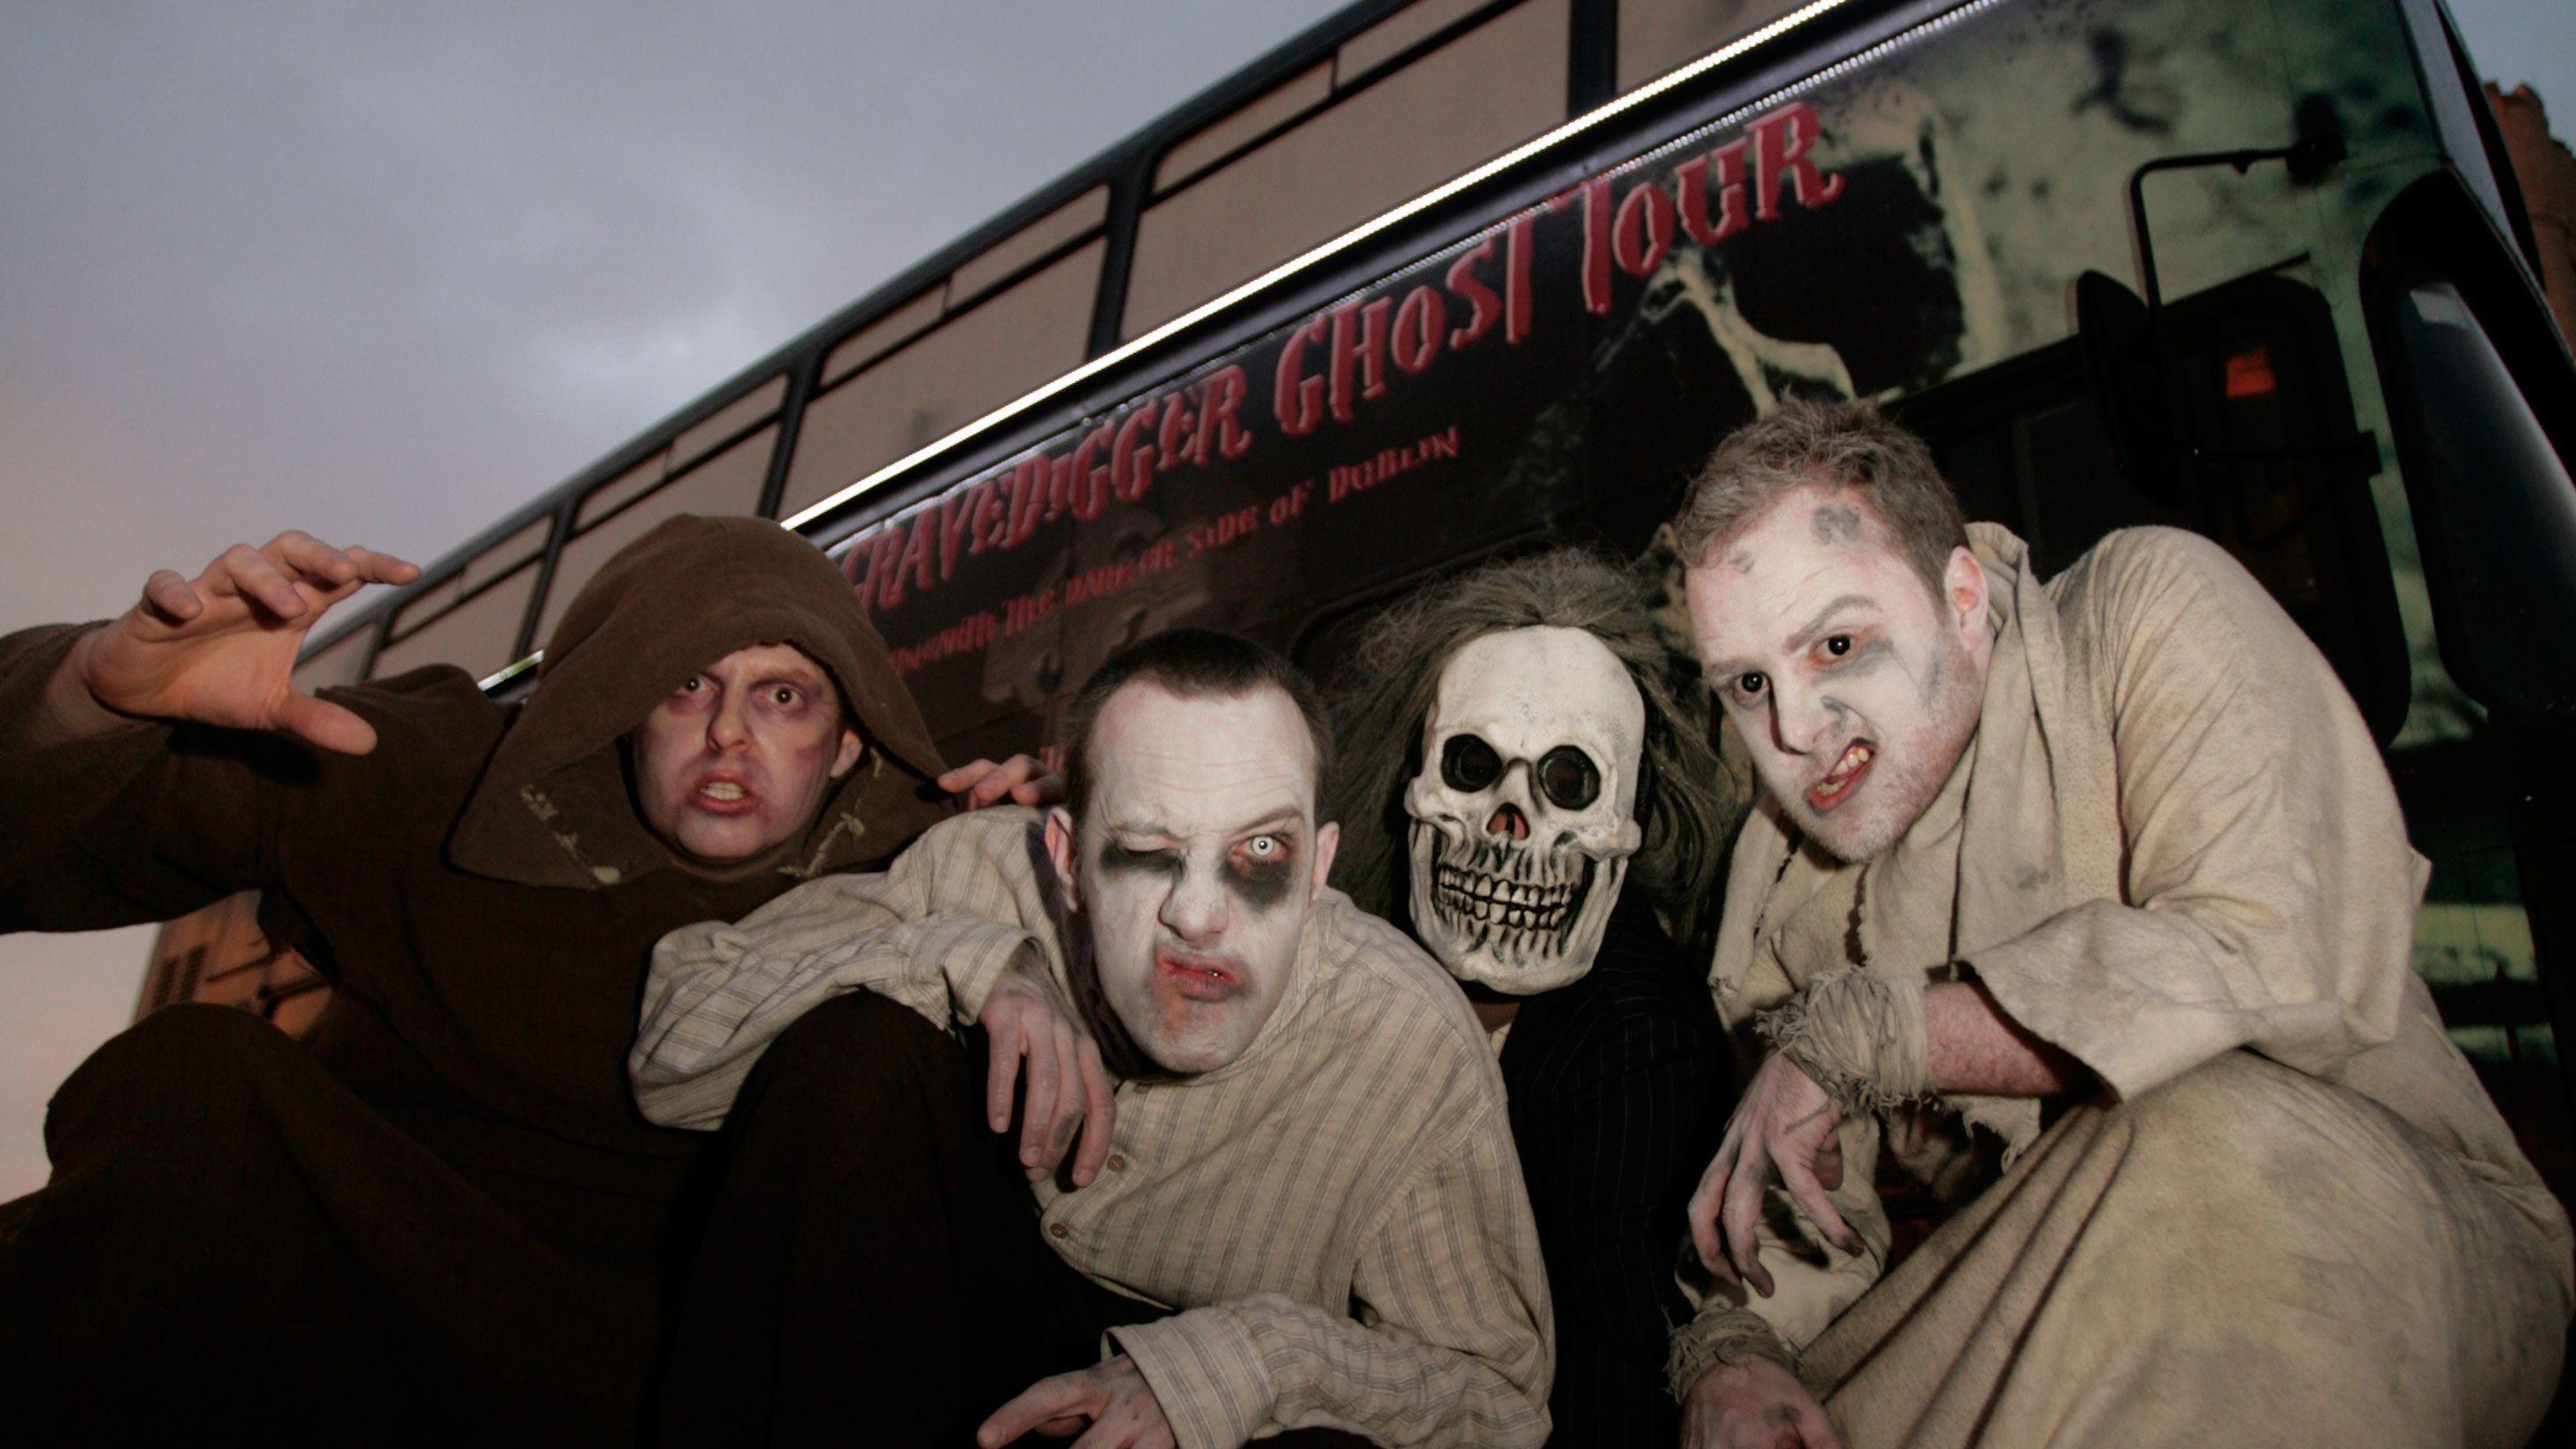 Totengräber- und Geister-Tour mit dem Bus